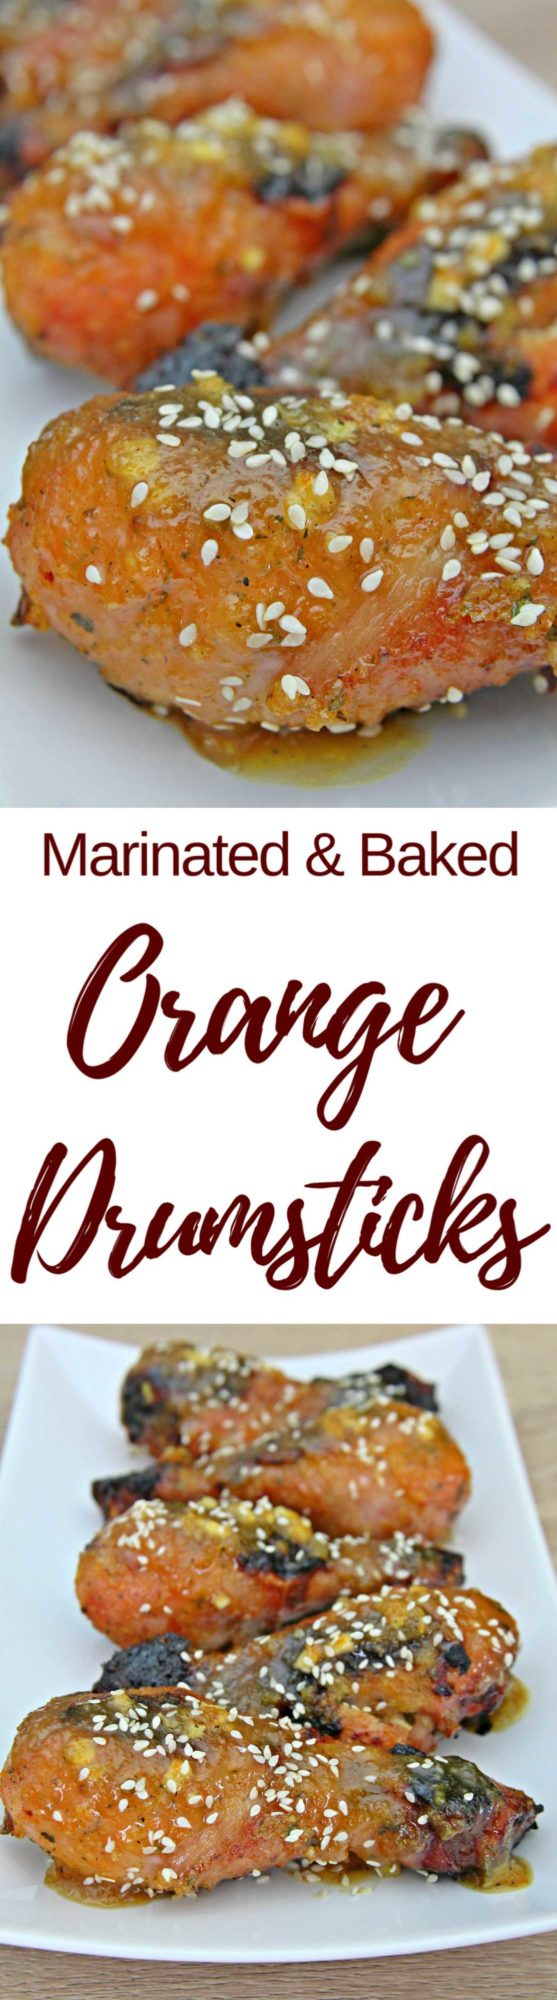 Orange chicken drumsticks